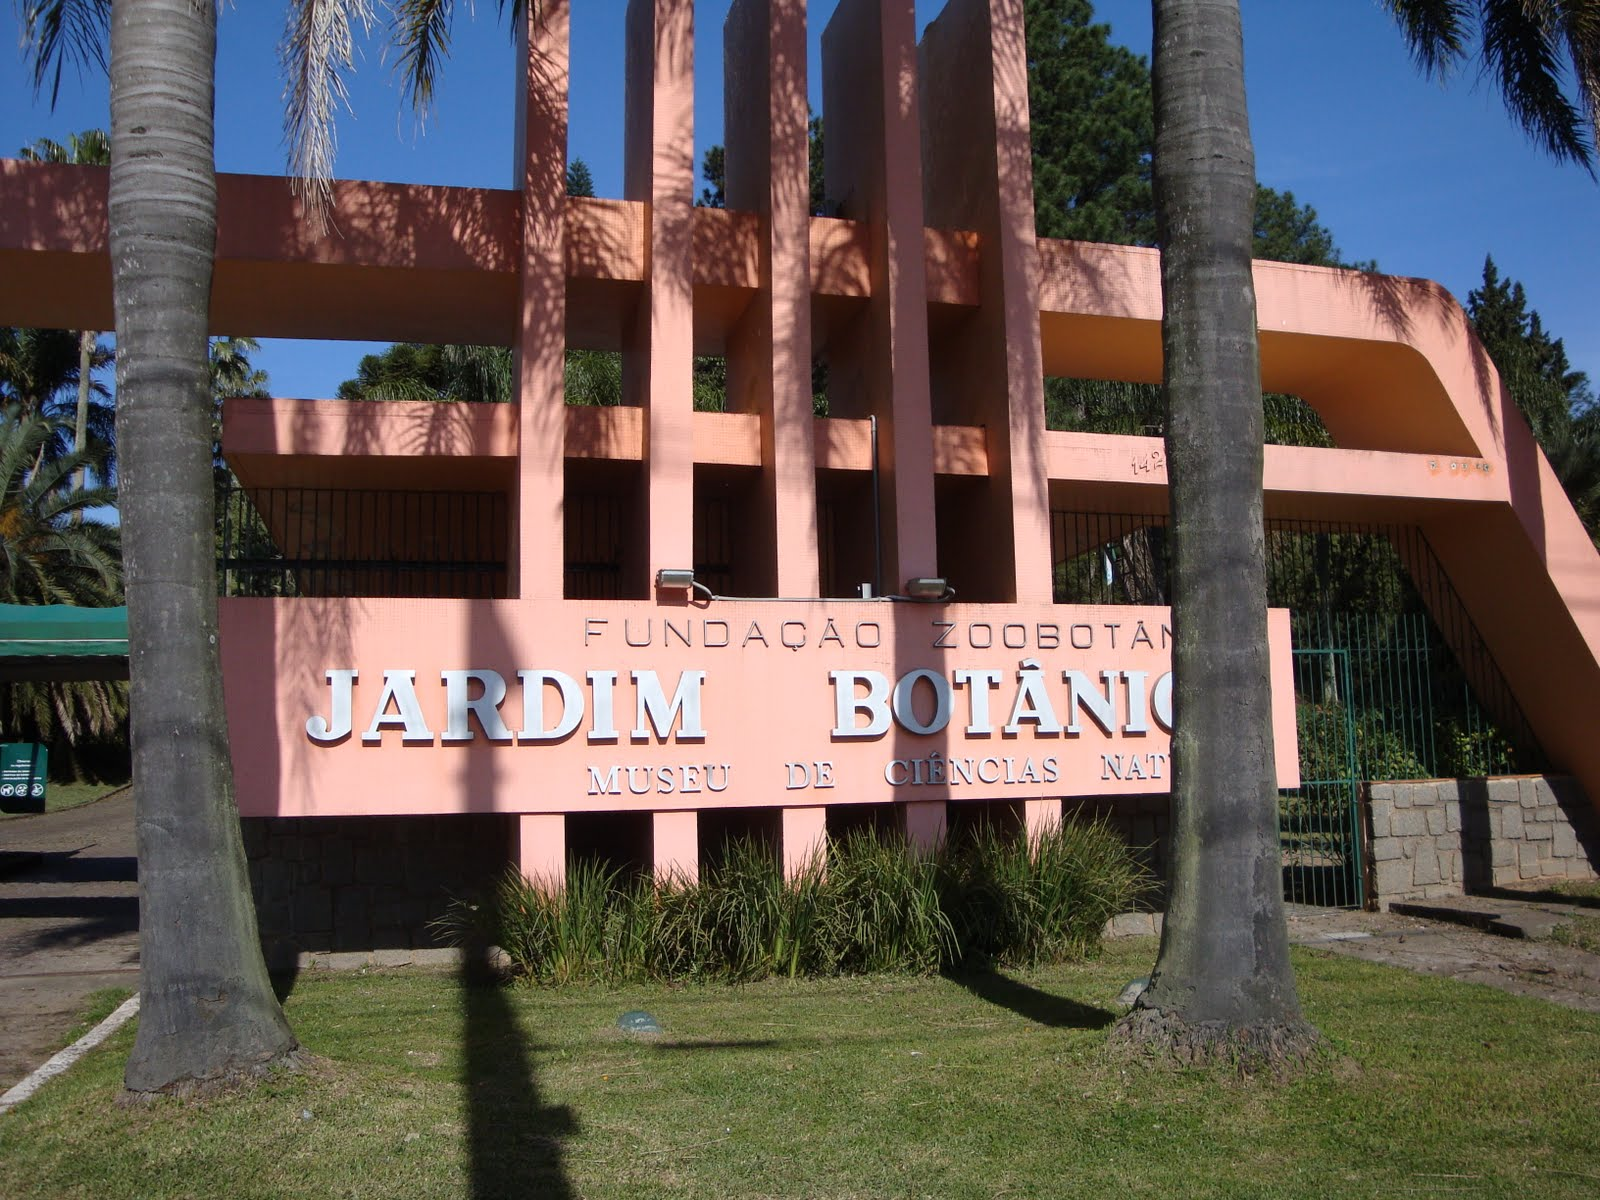 fotos jardim botanico porto alegre : fotos jardim botanico porto alegre:cscorporalis: Jardim Botânico de Porto Alegre/RS/ Conservando flora